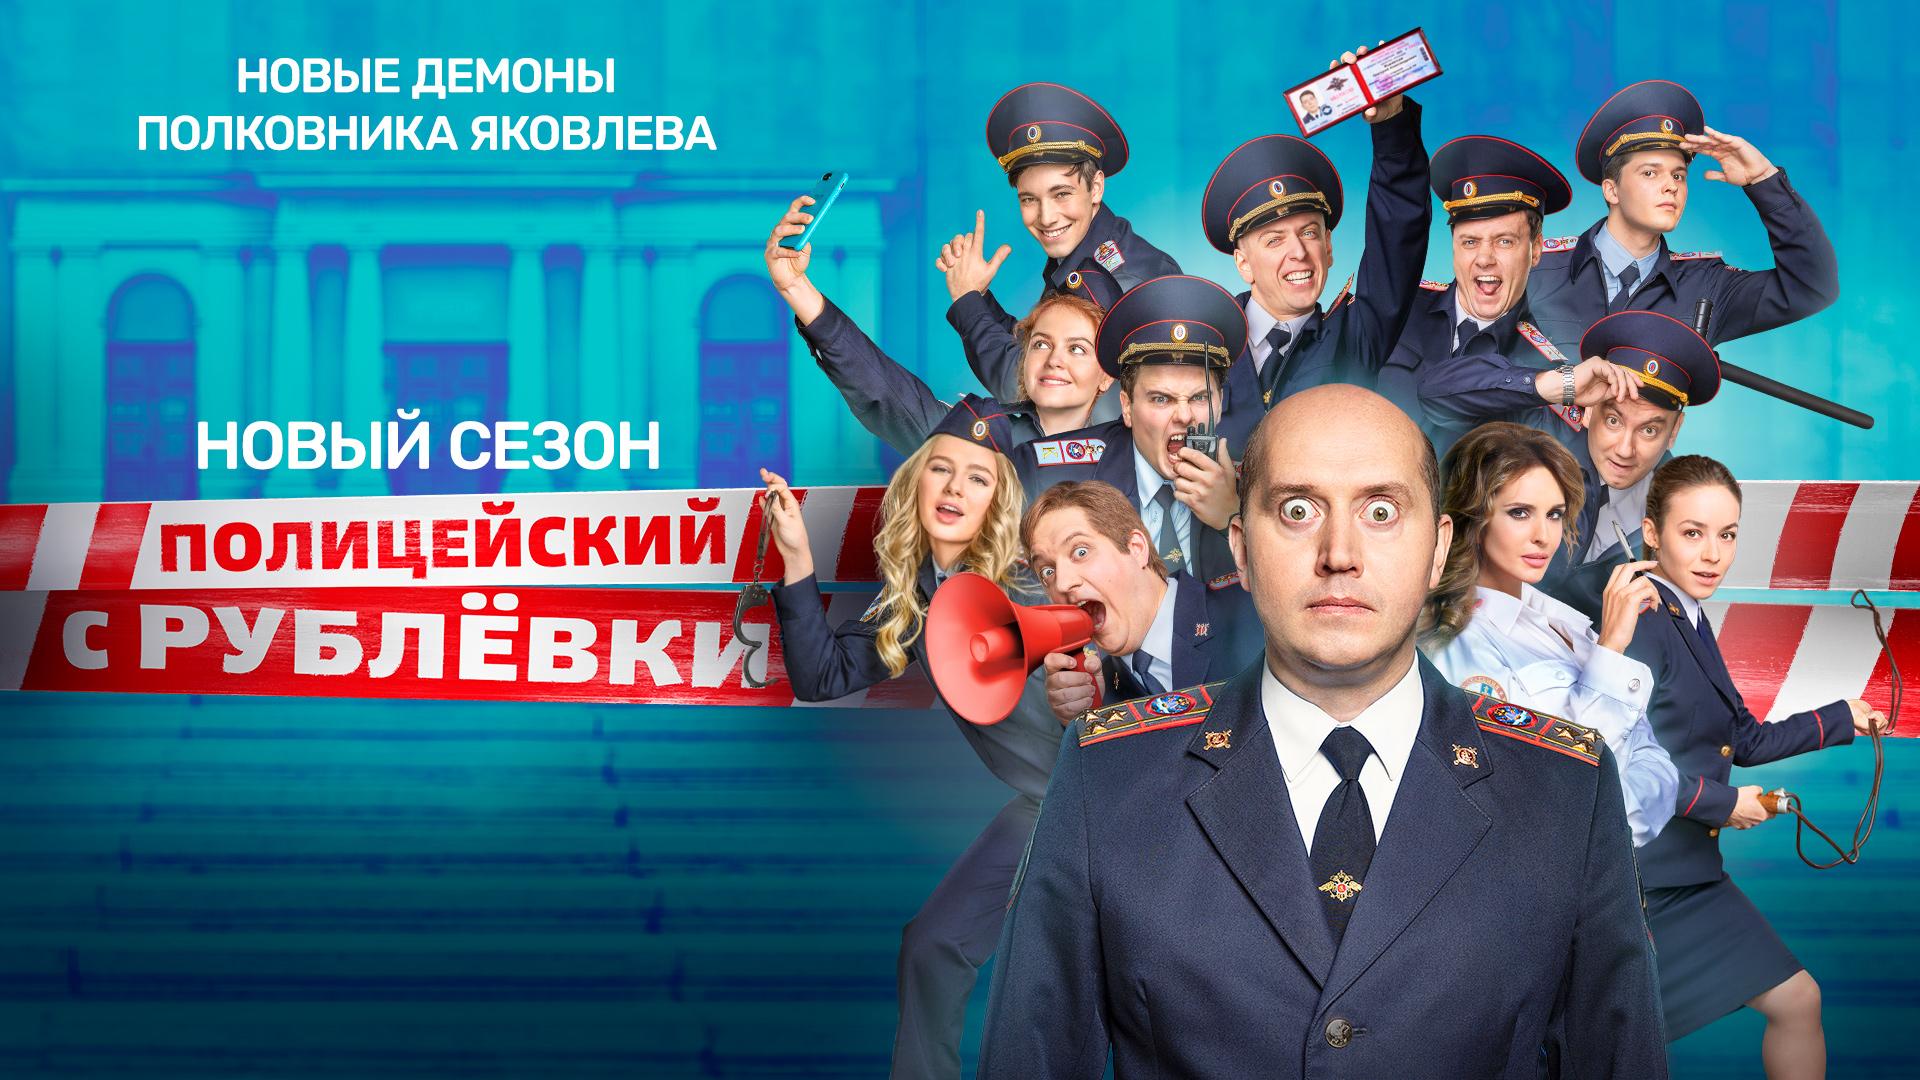 Полицейский с рублевки 6 сезон